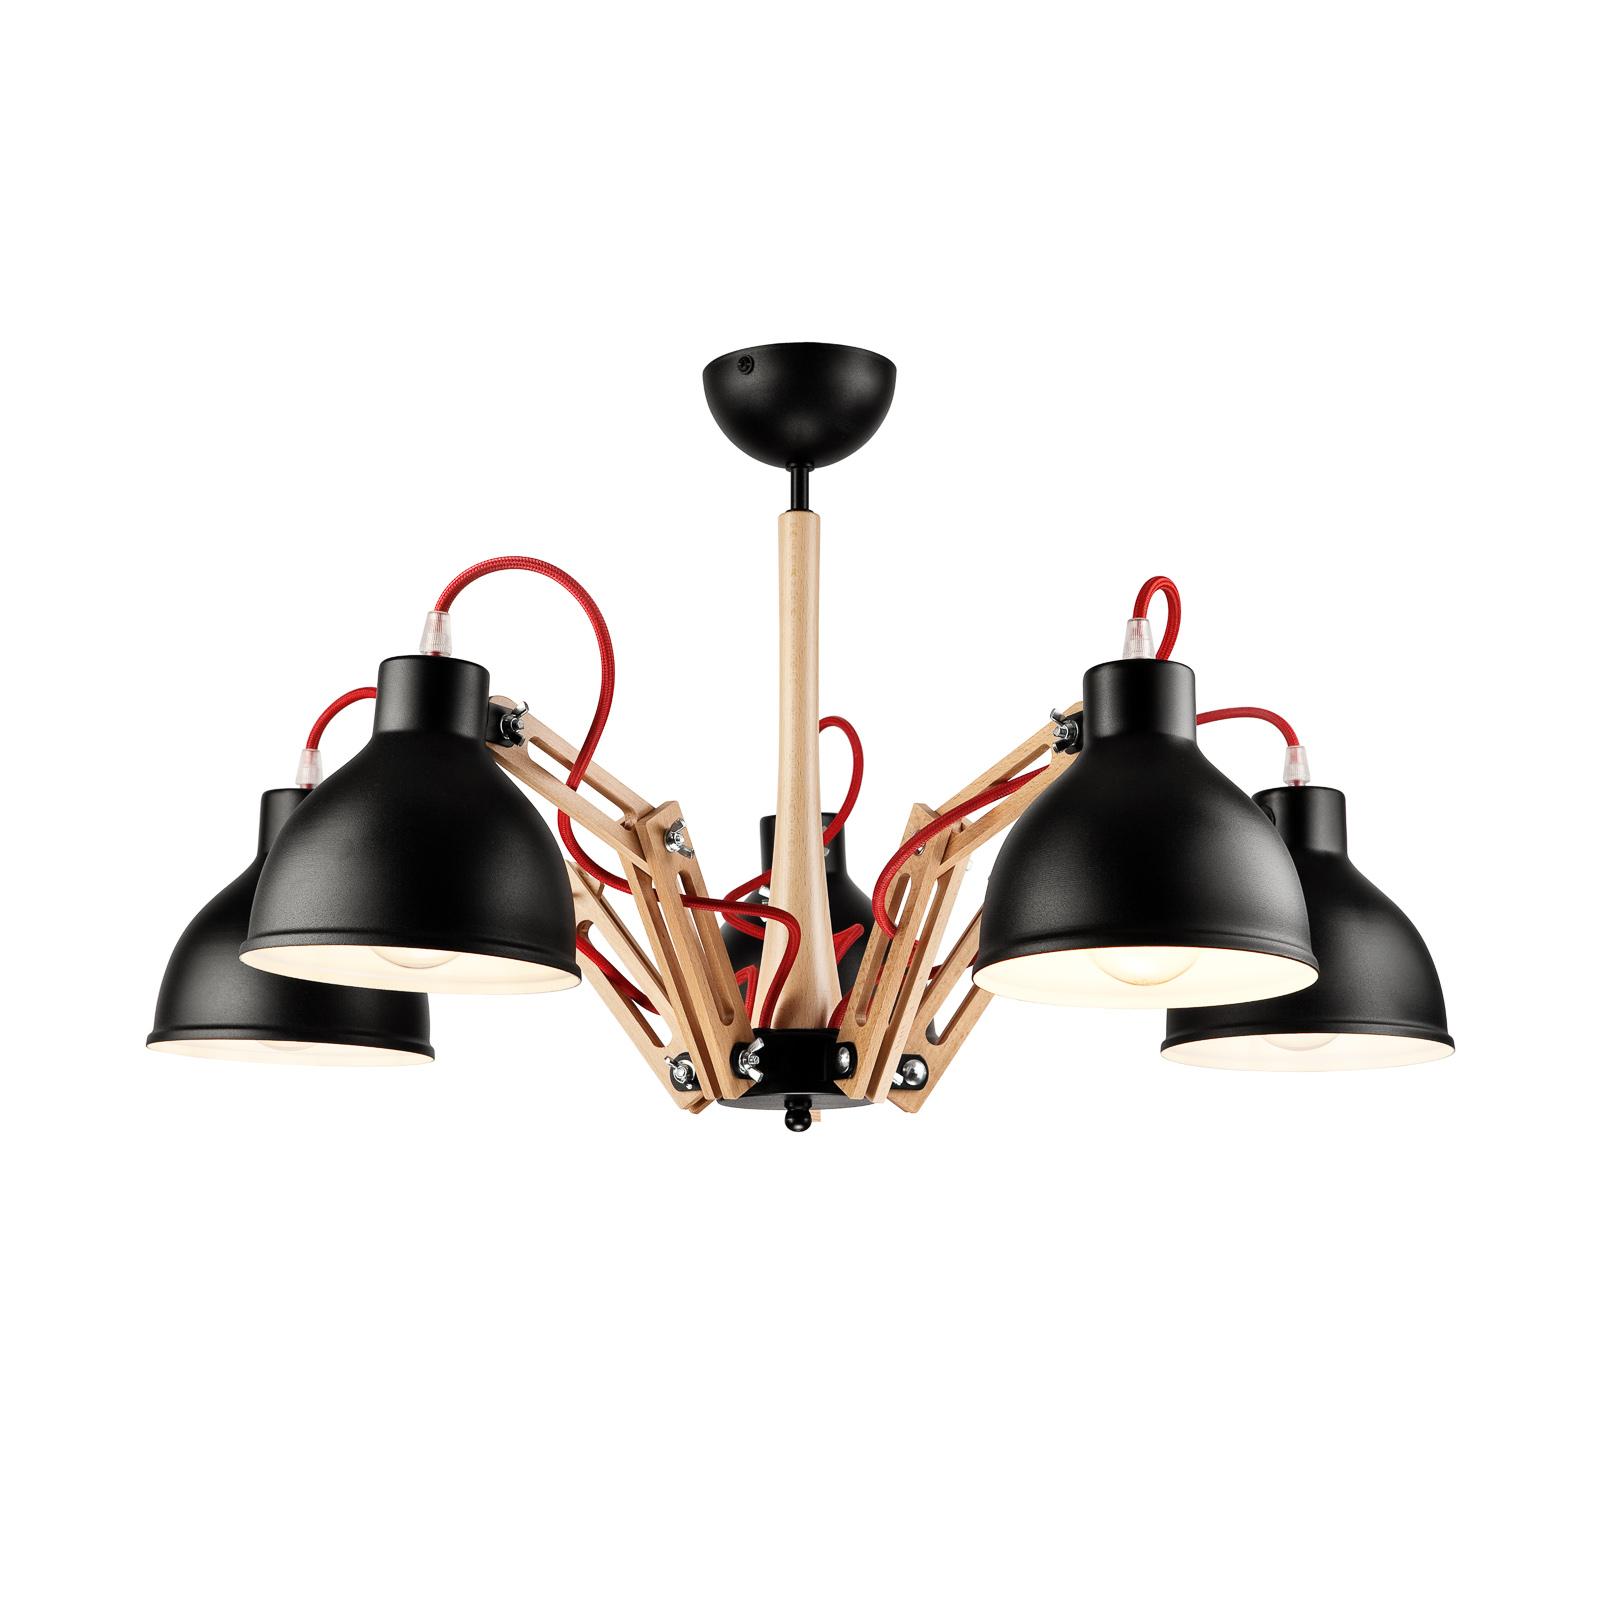 Skansen loftlampe, 5 lyskilder, justerbar, sort